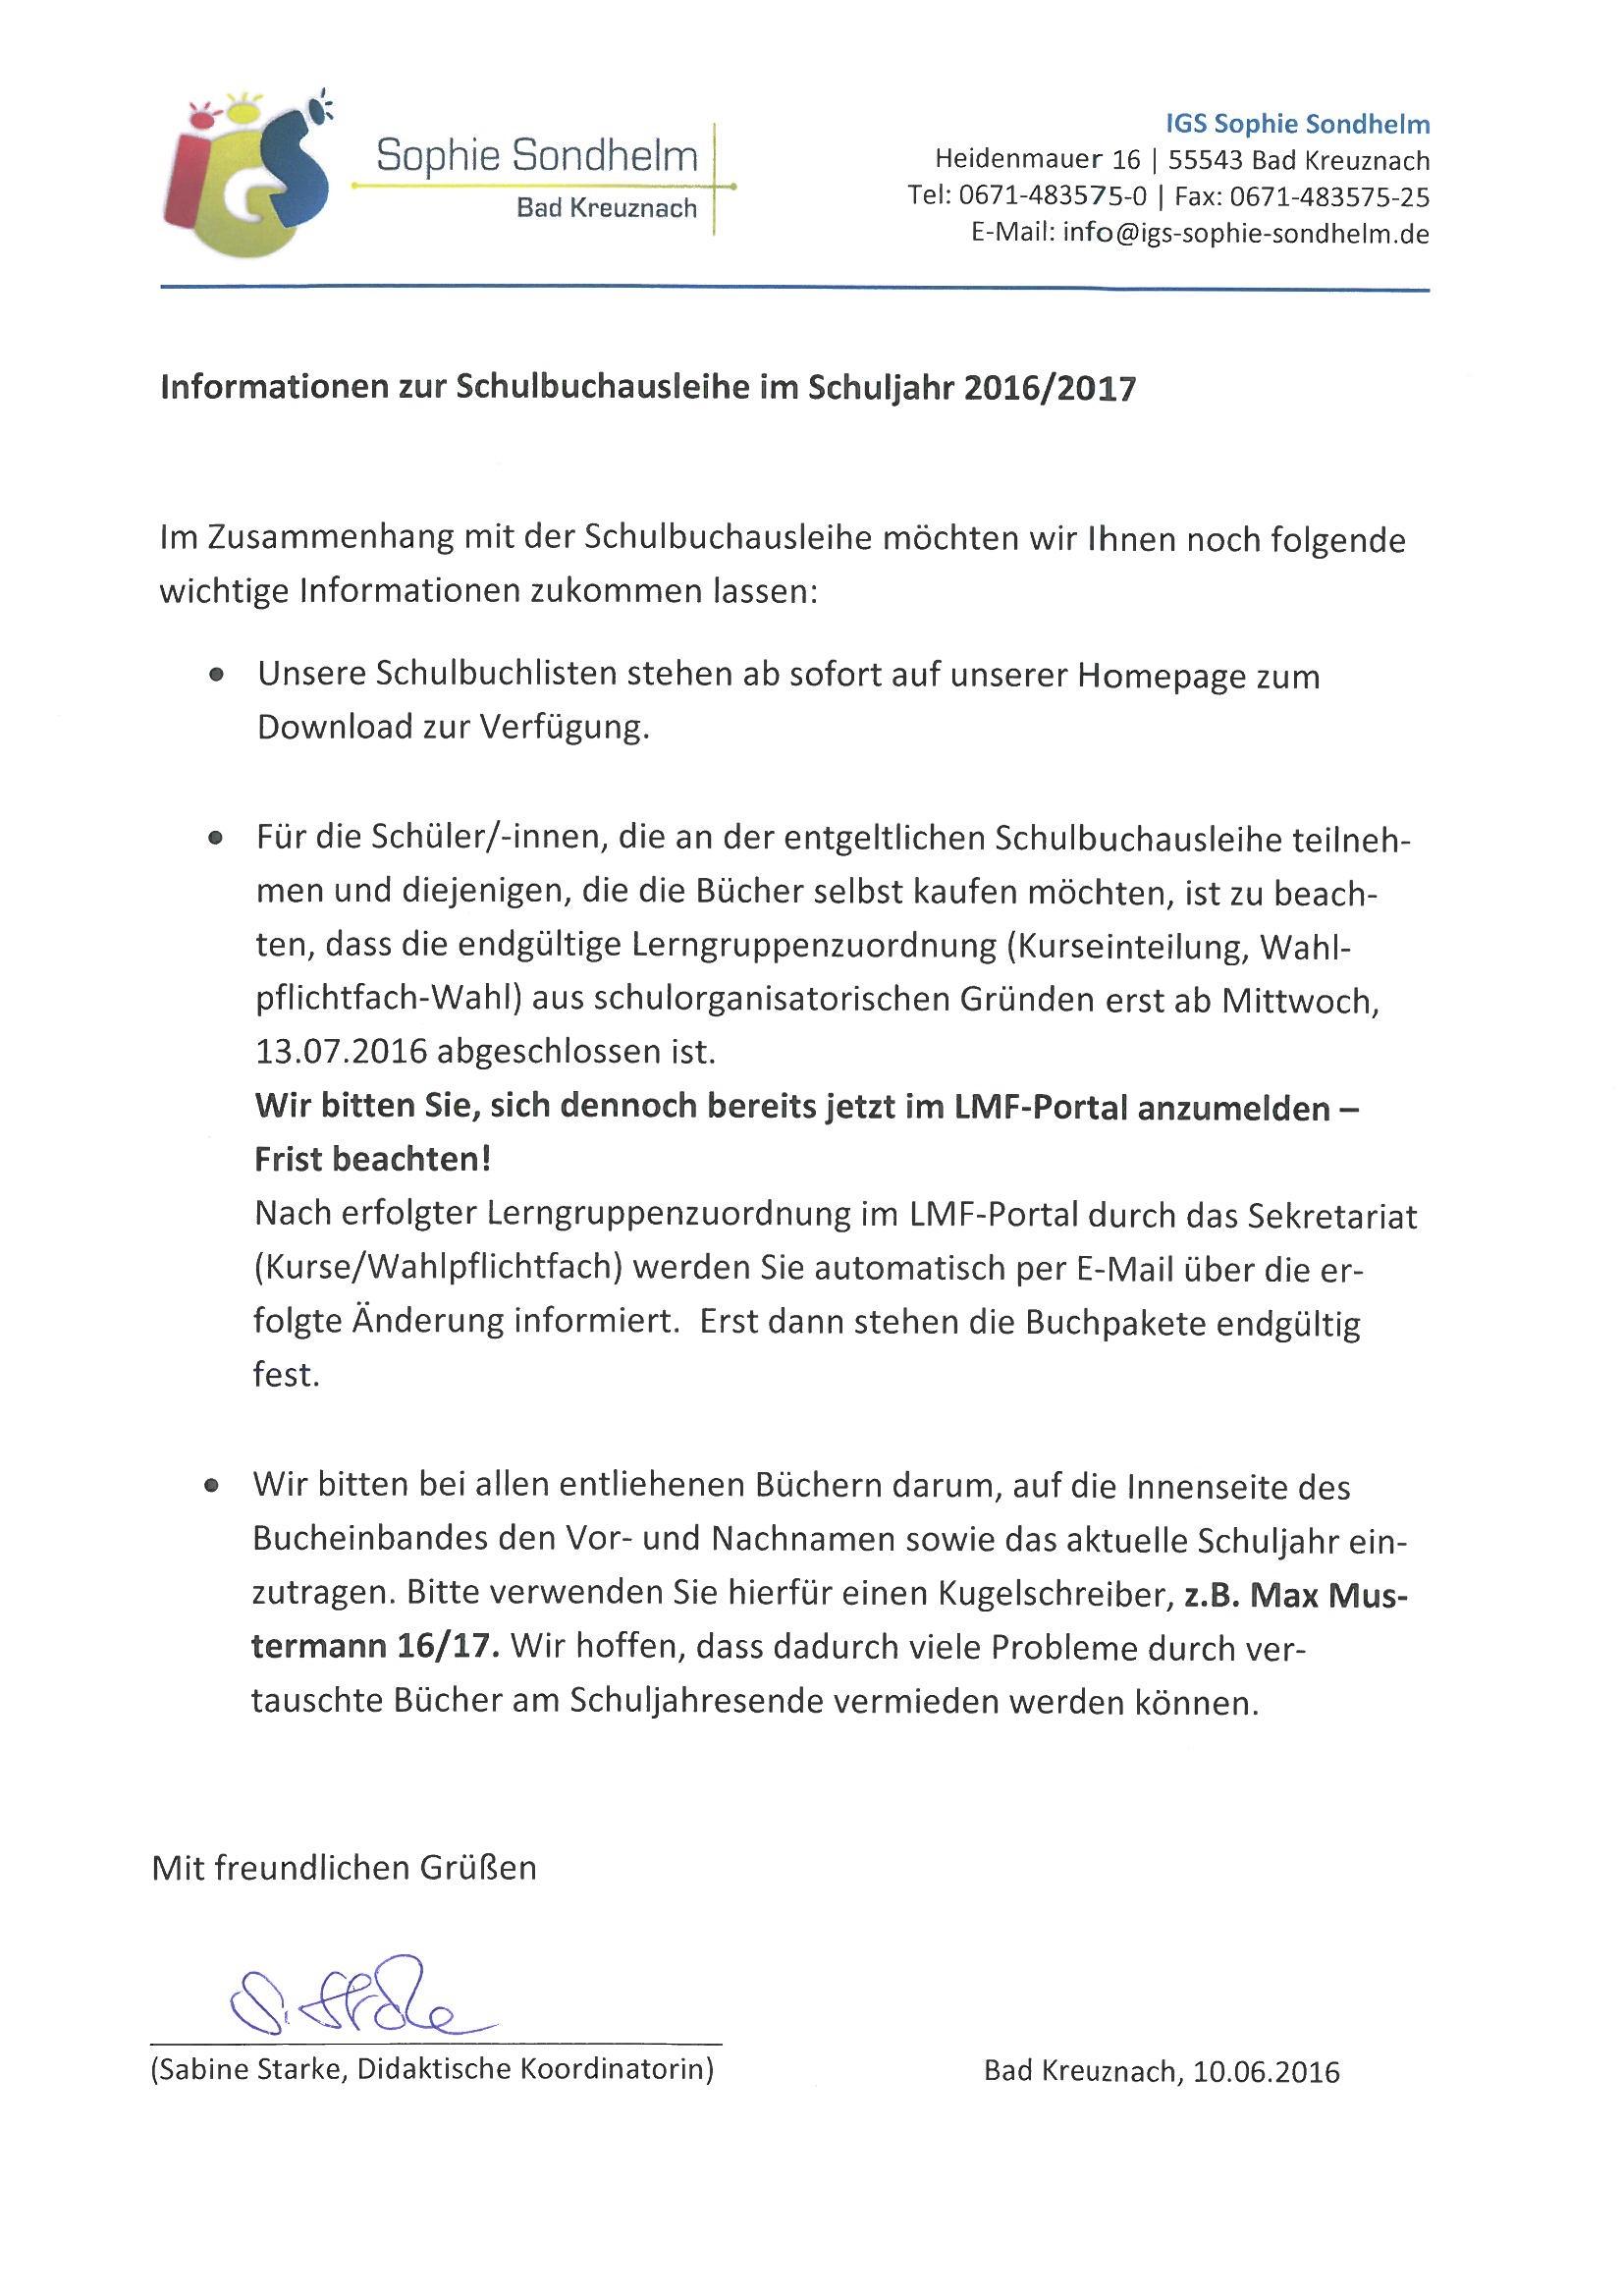 Elternbrief-mit-Informationen-zur-Schulbuchausleihe-16-17